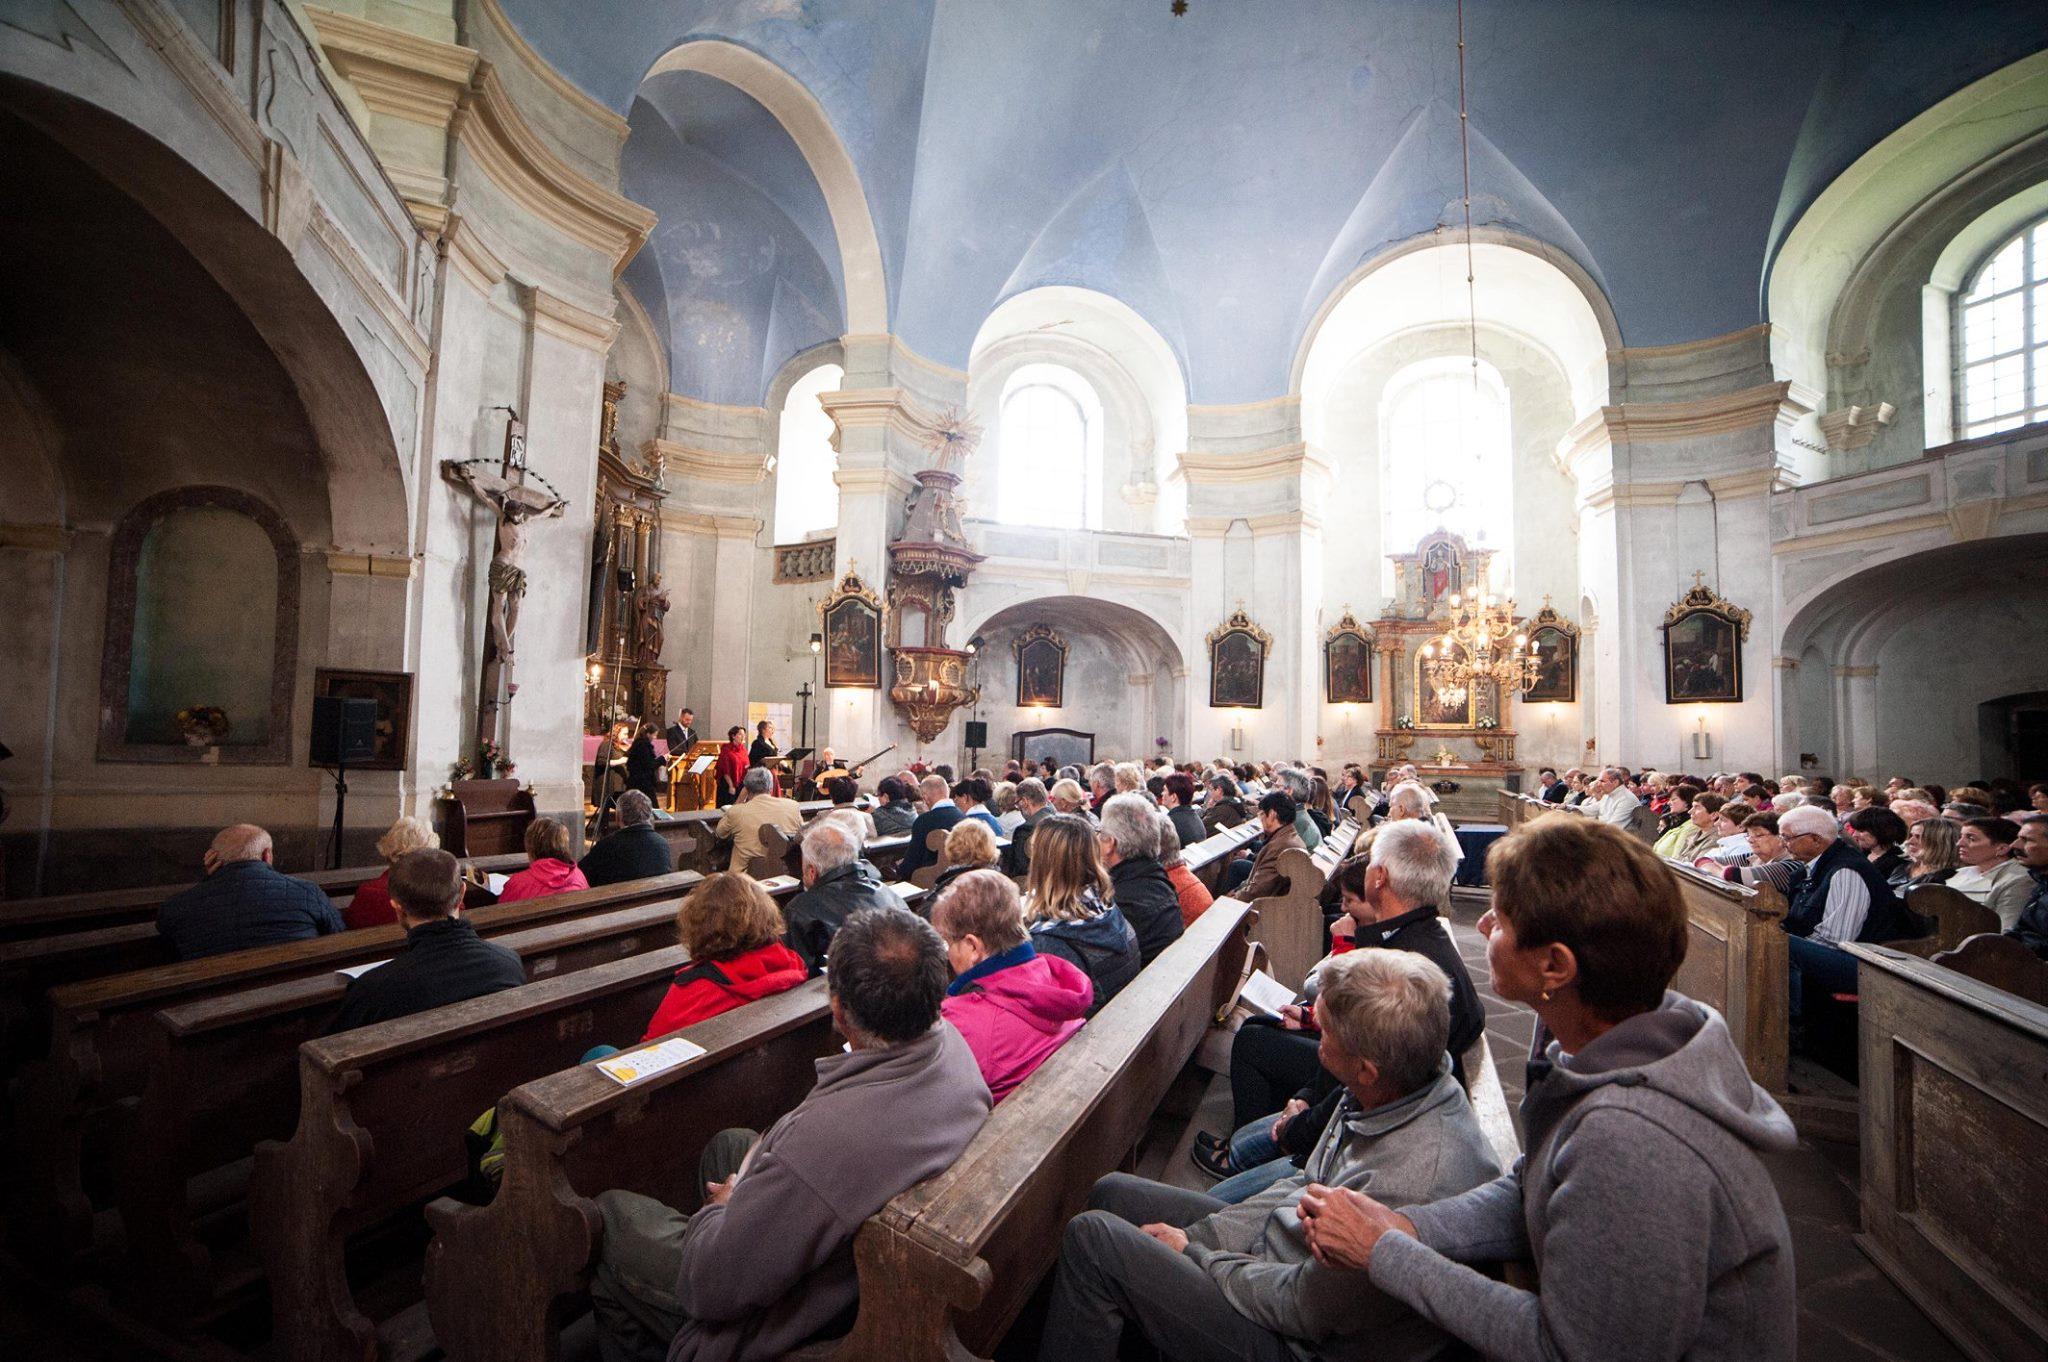 Festival Za poklady Broumovska vás okouzlí svou neopakovatelnou atmosférou